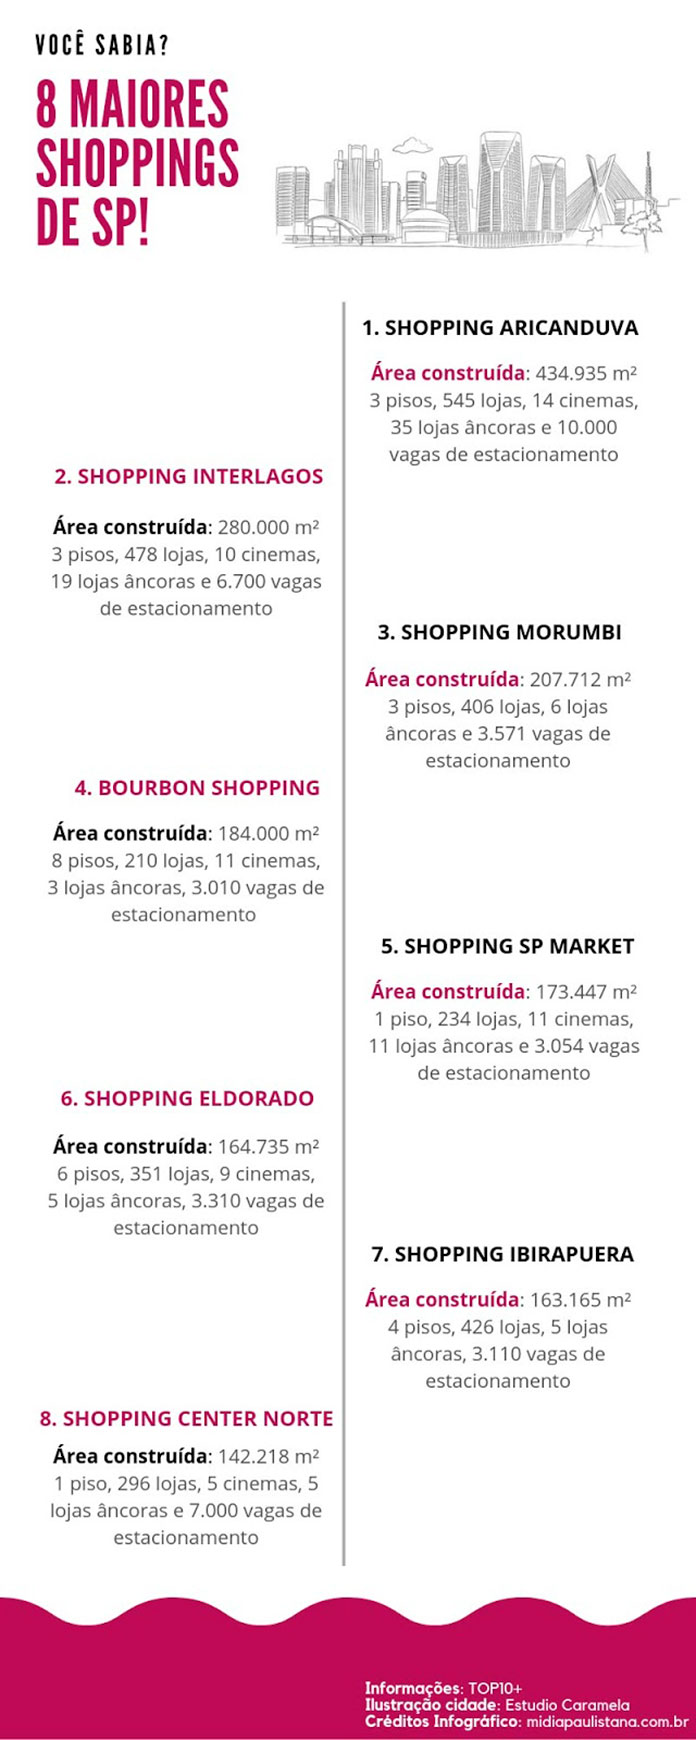 Infográfico Maiores Shoppings em SP